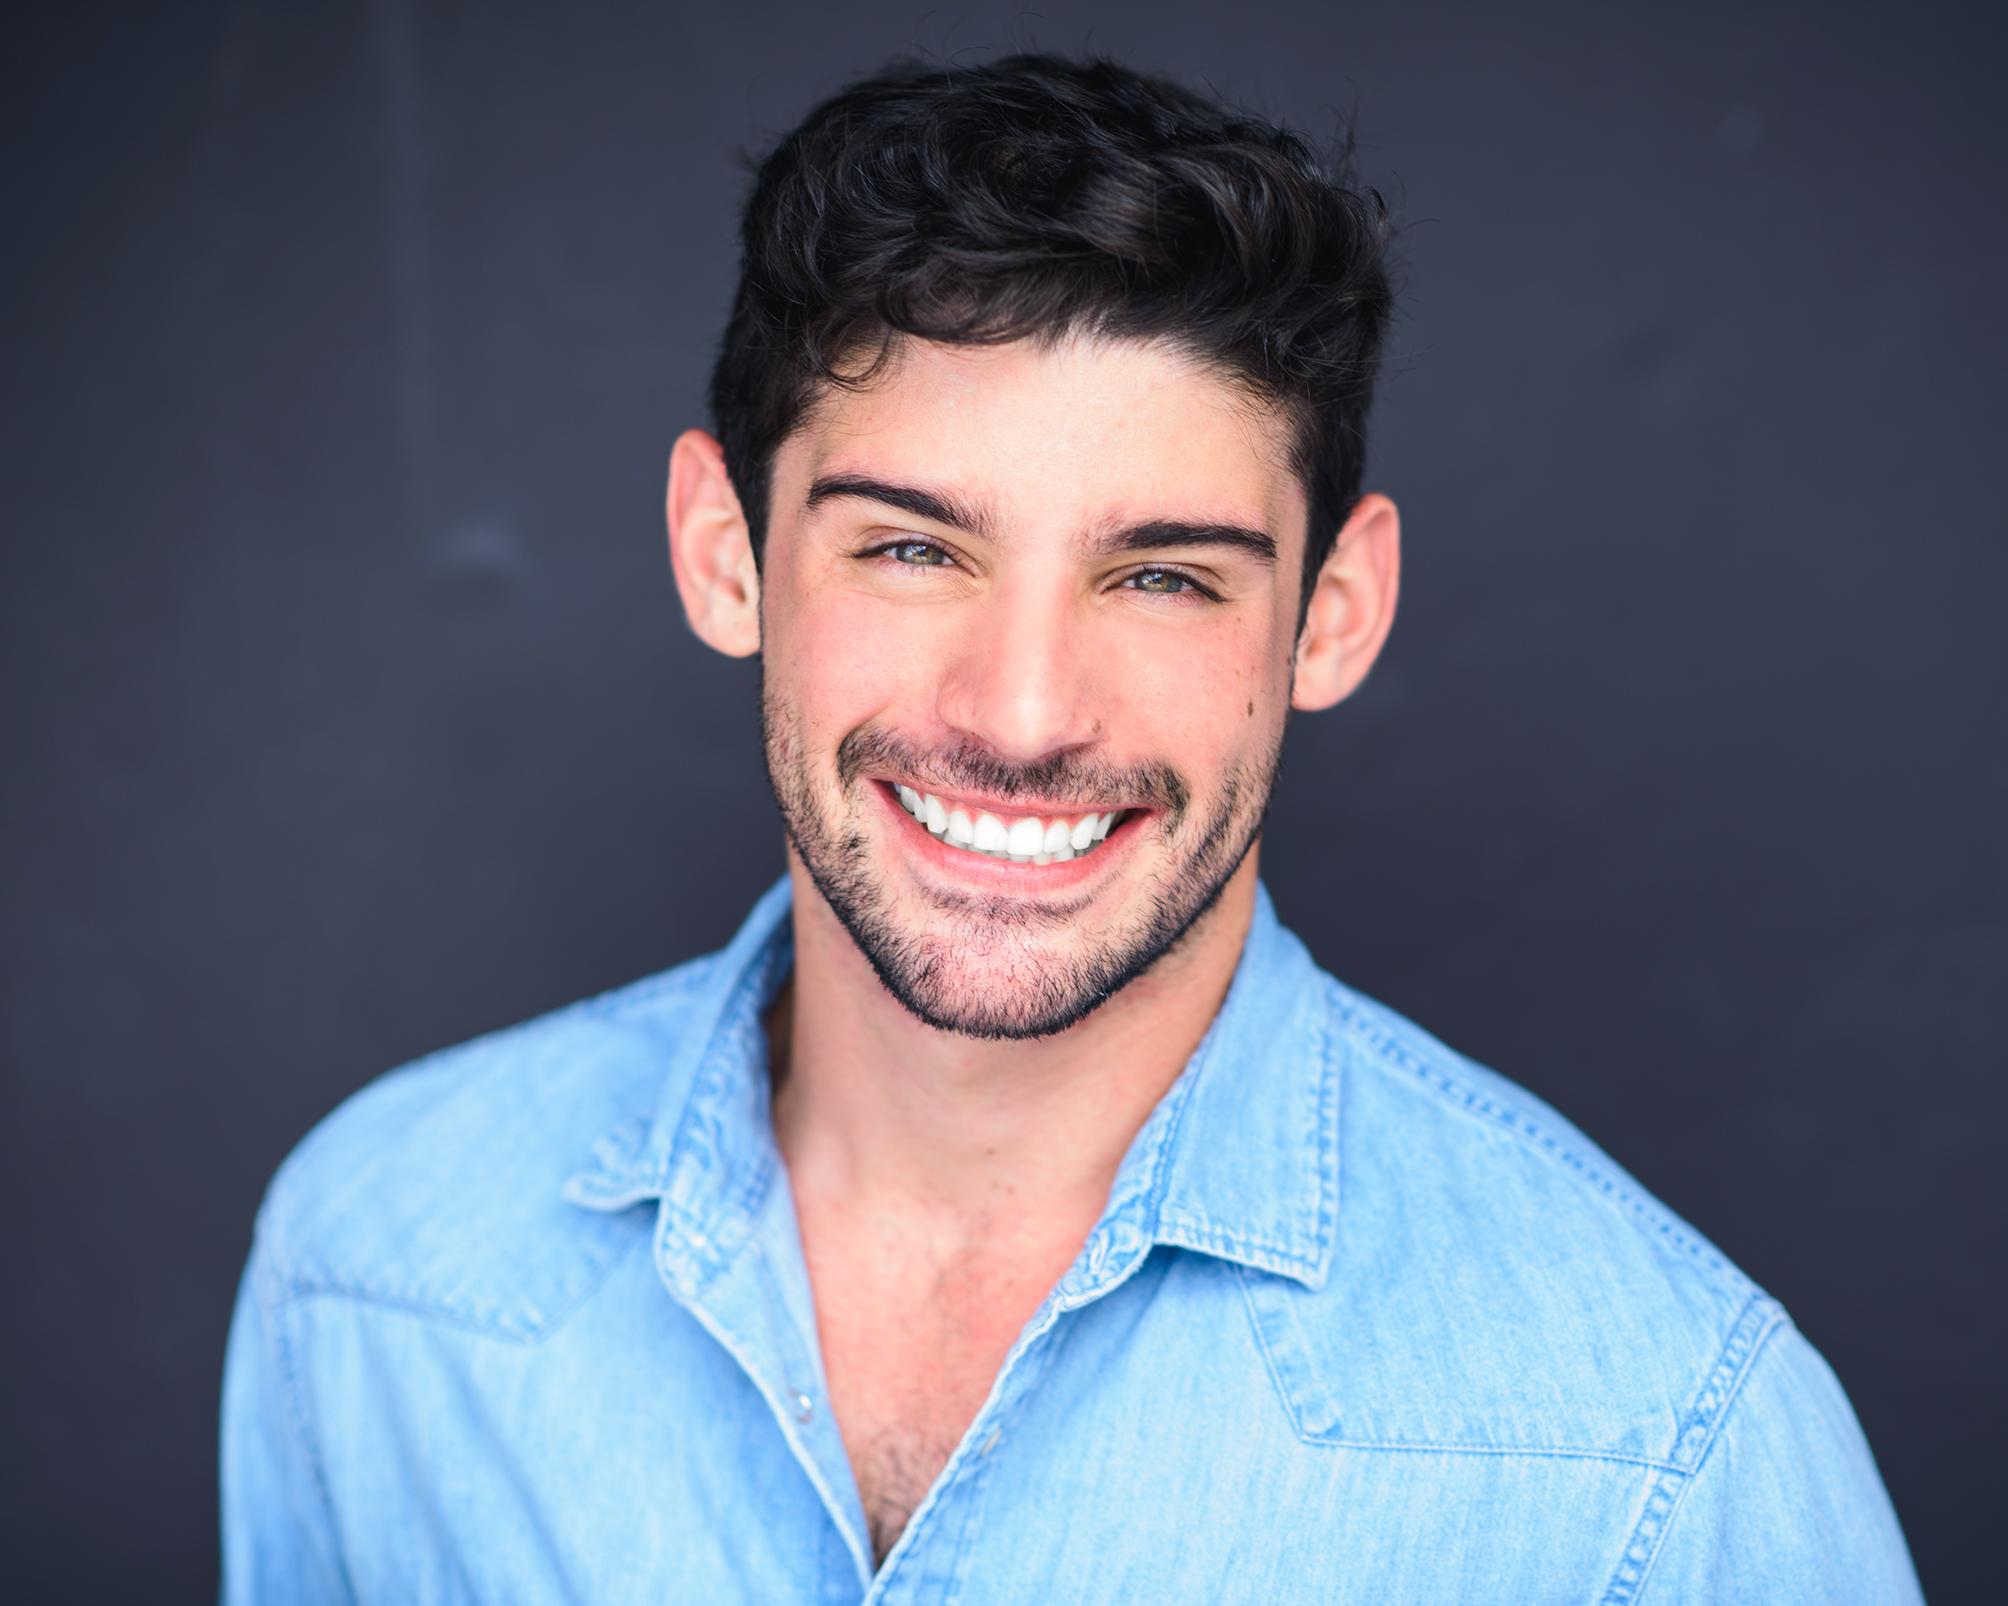 Jonathan Quintana